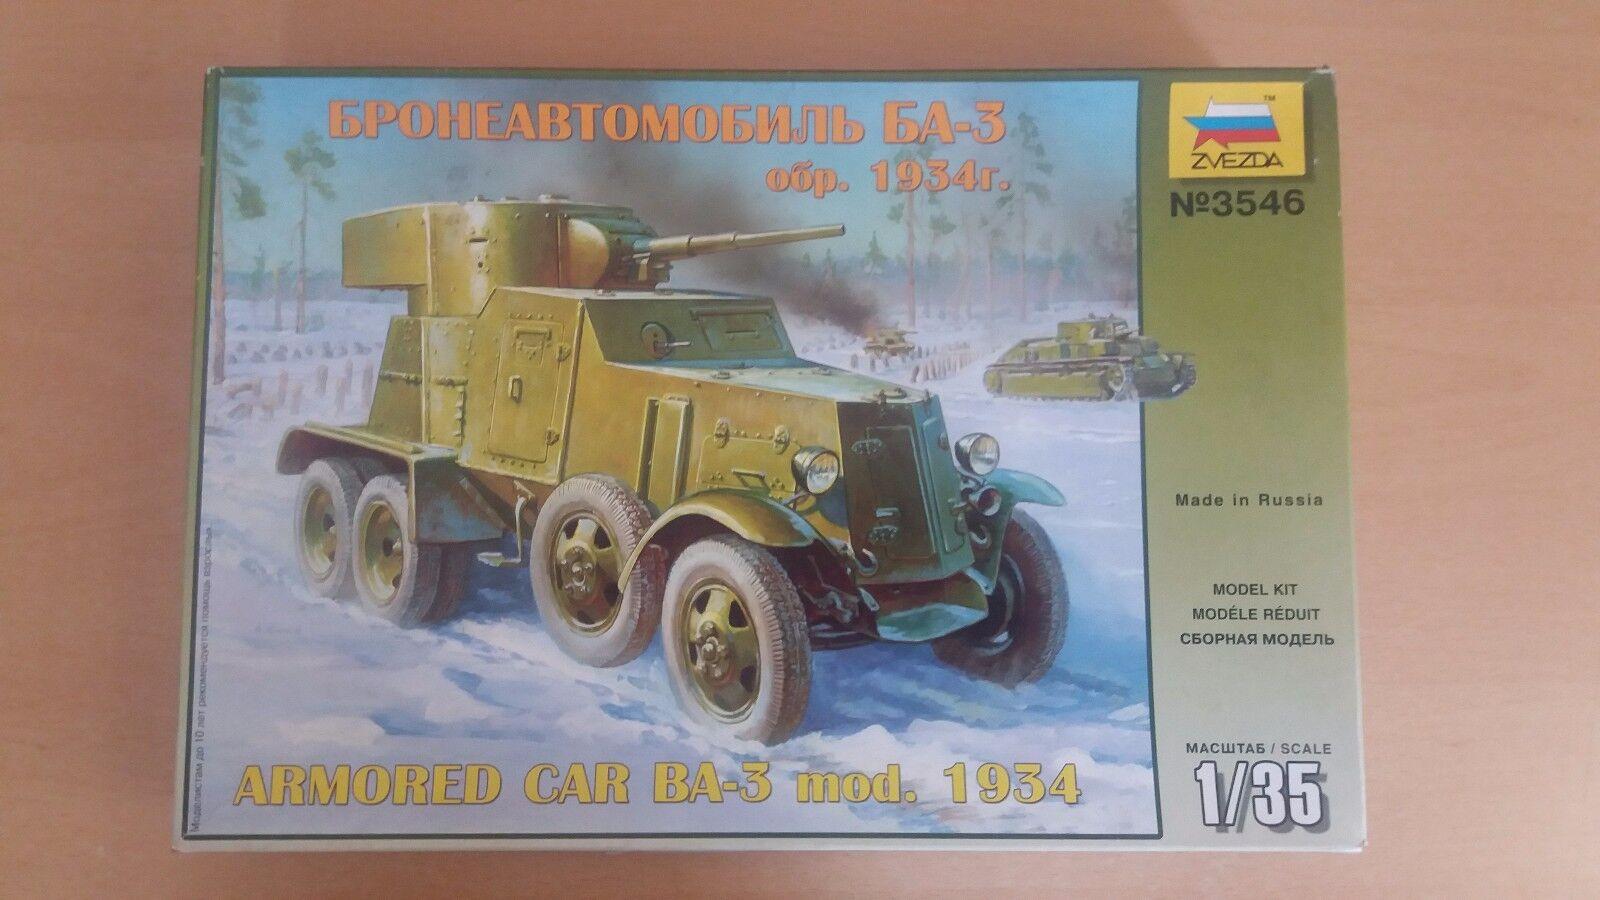 ARMORED CAR BA-3 mod. 1934